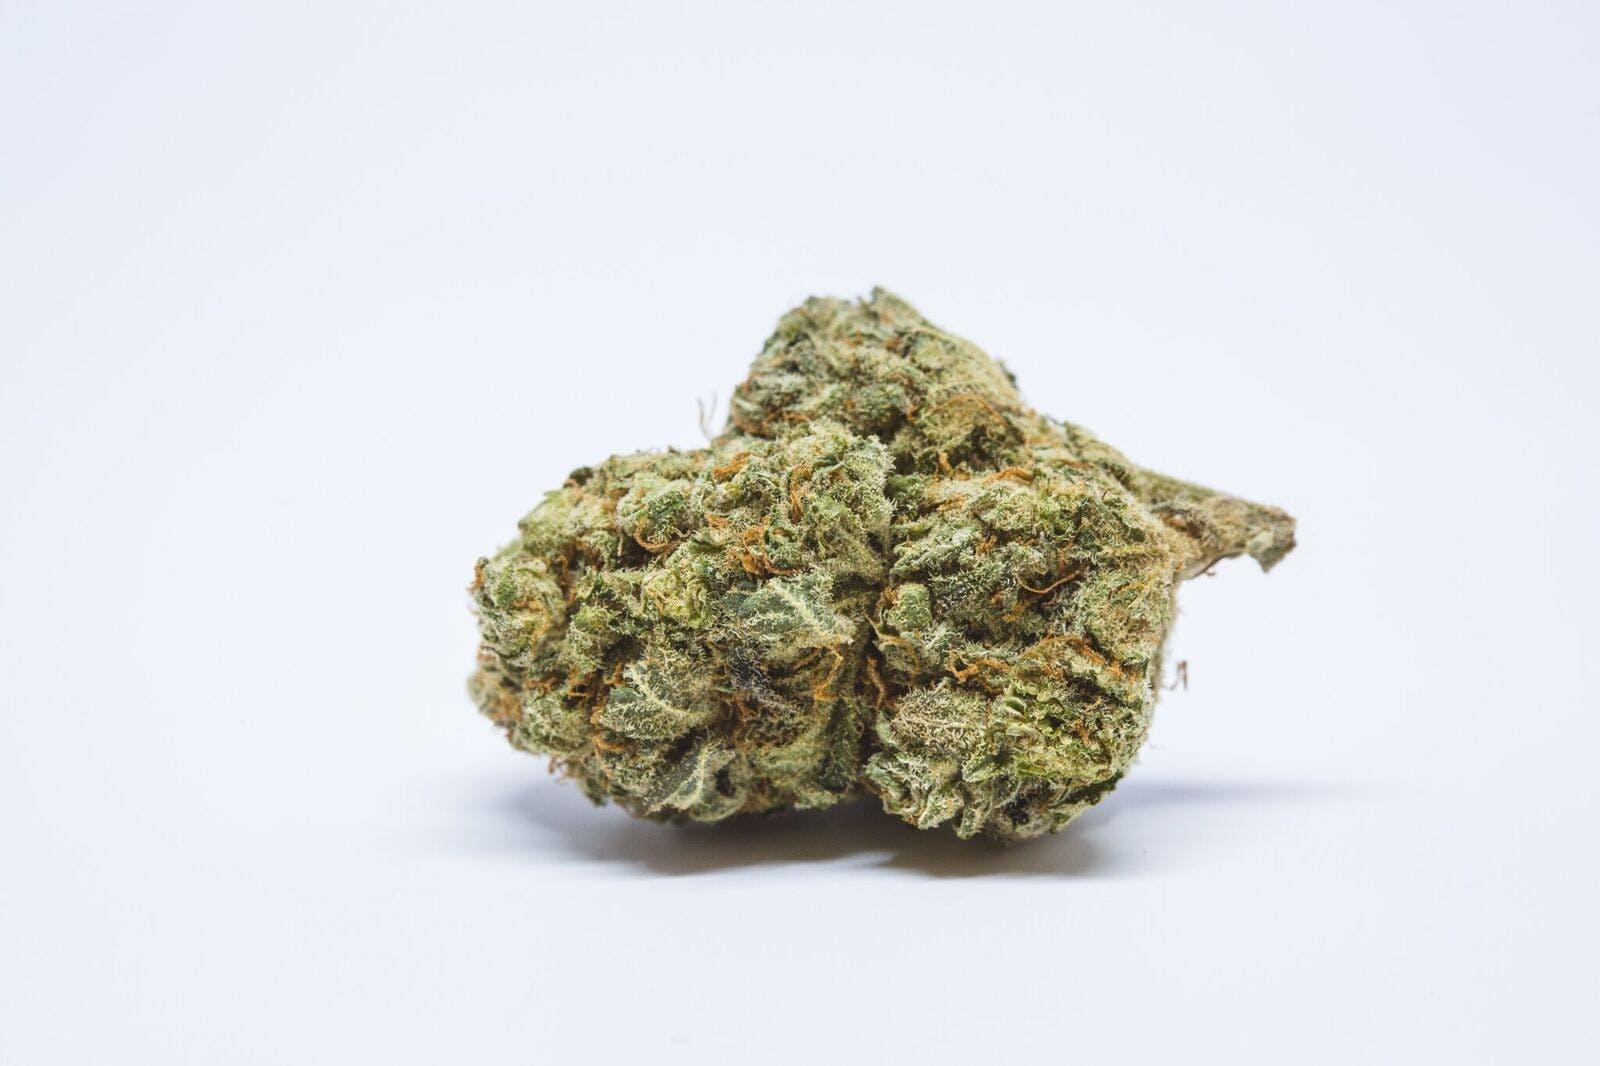 Killer Queen Weed; Killer Queen Cannabis Strain; Killer Queen Hybrid Marijuana Strain